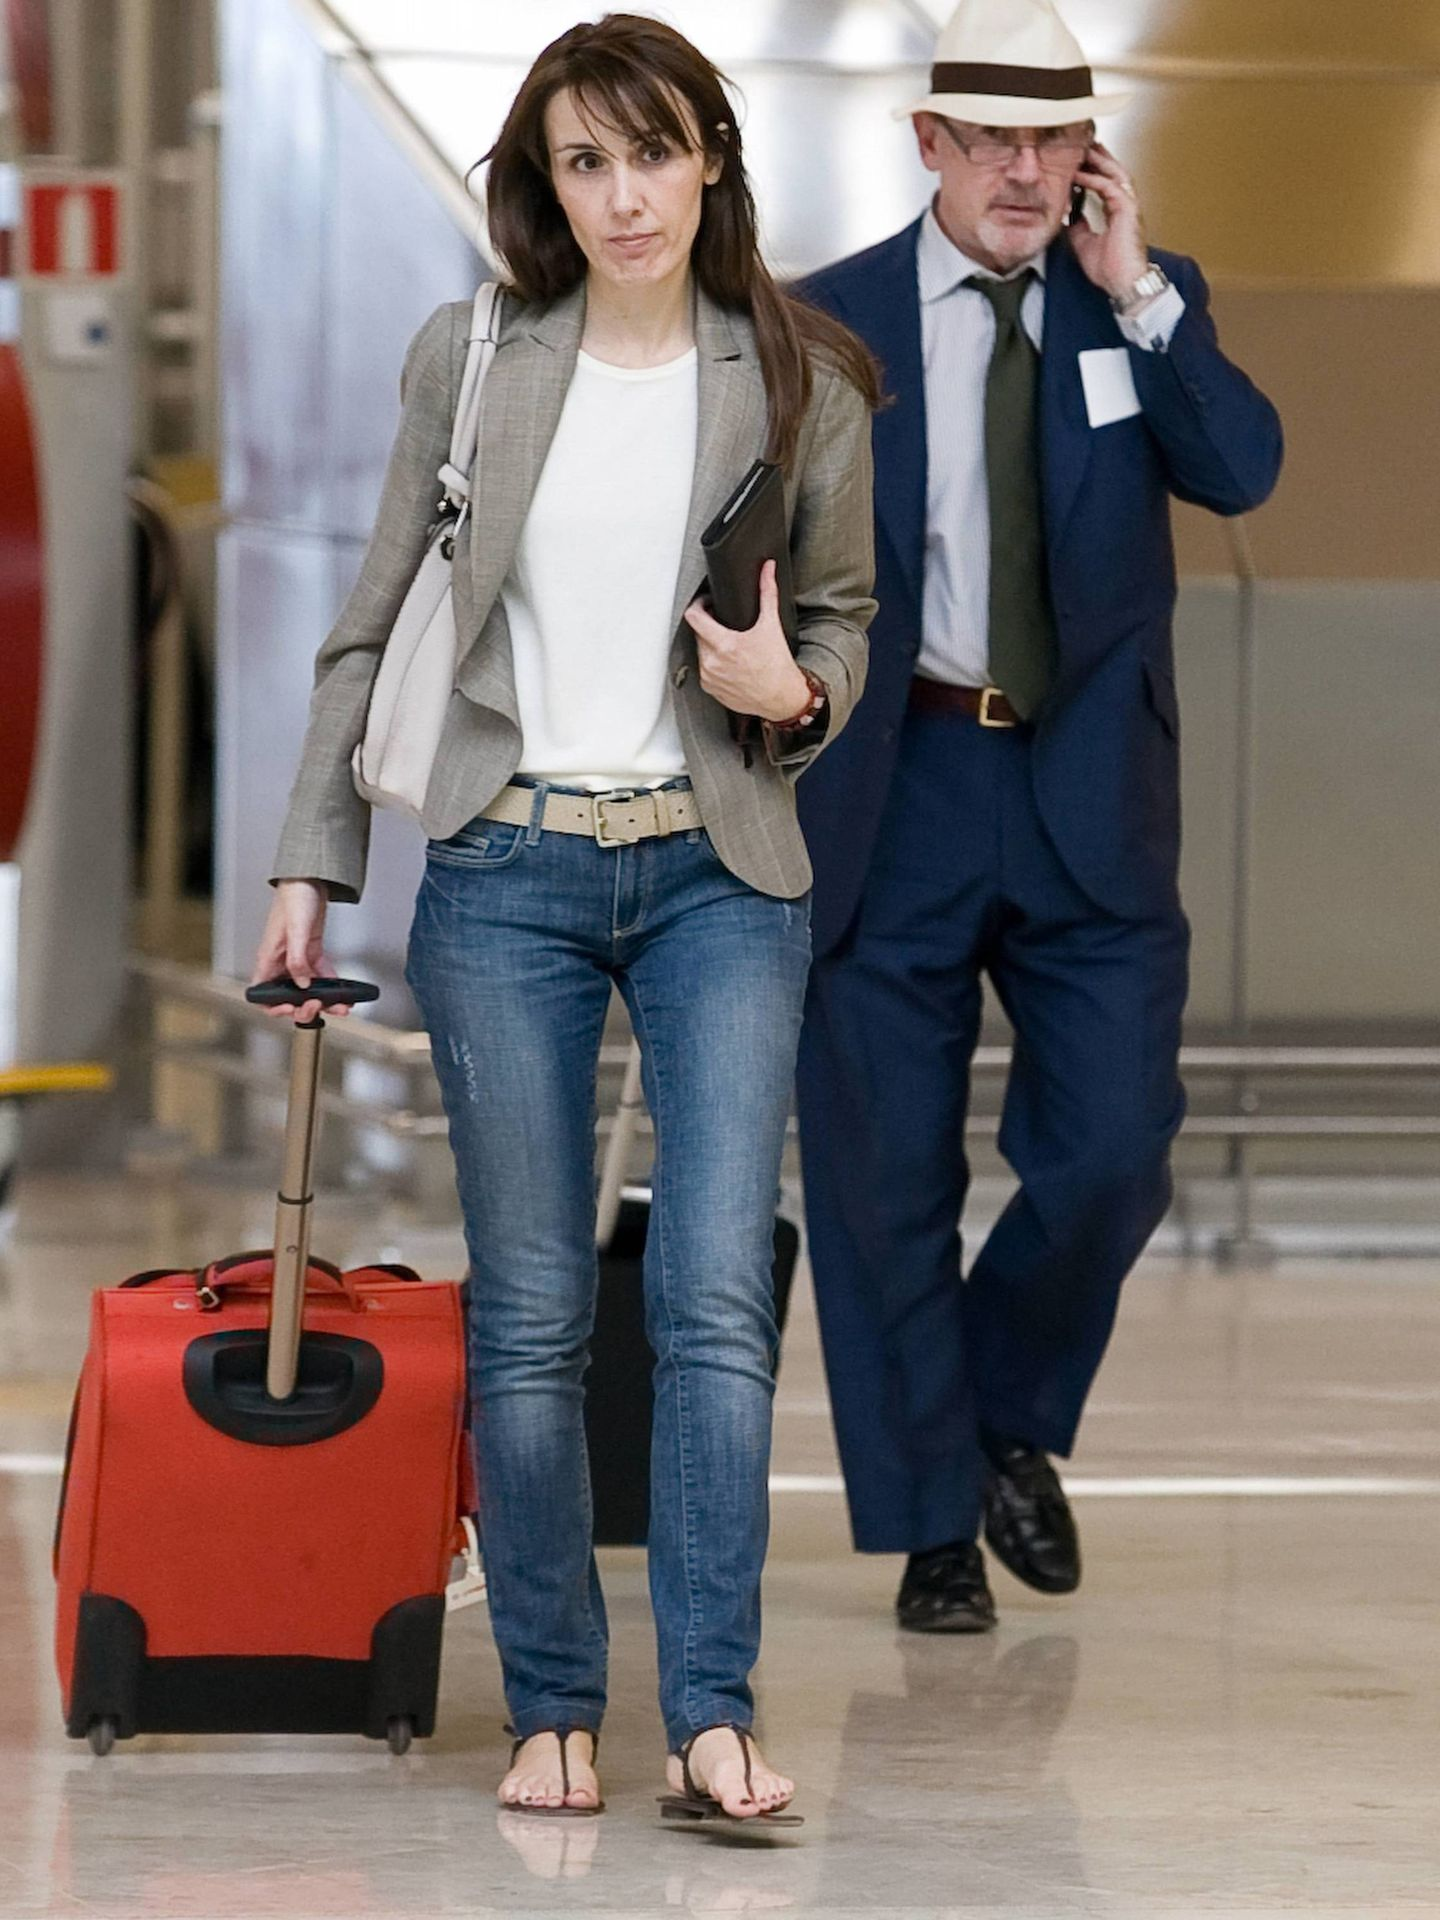 Rodrigo Rato y Alicia González juntos en el aeropuerto de Barajas. (Cordon Press)